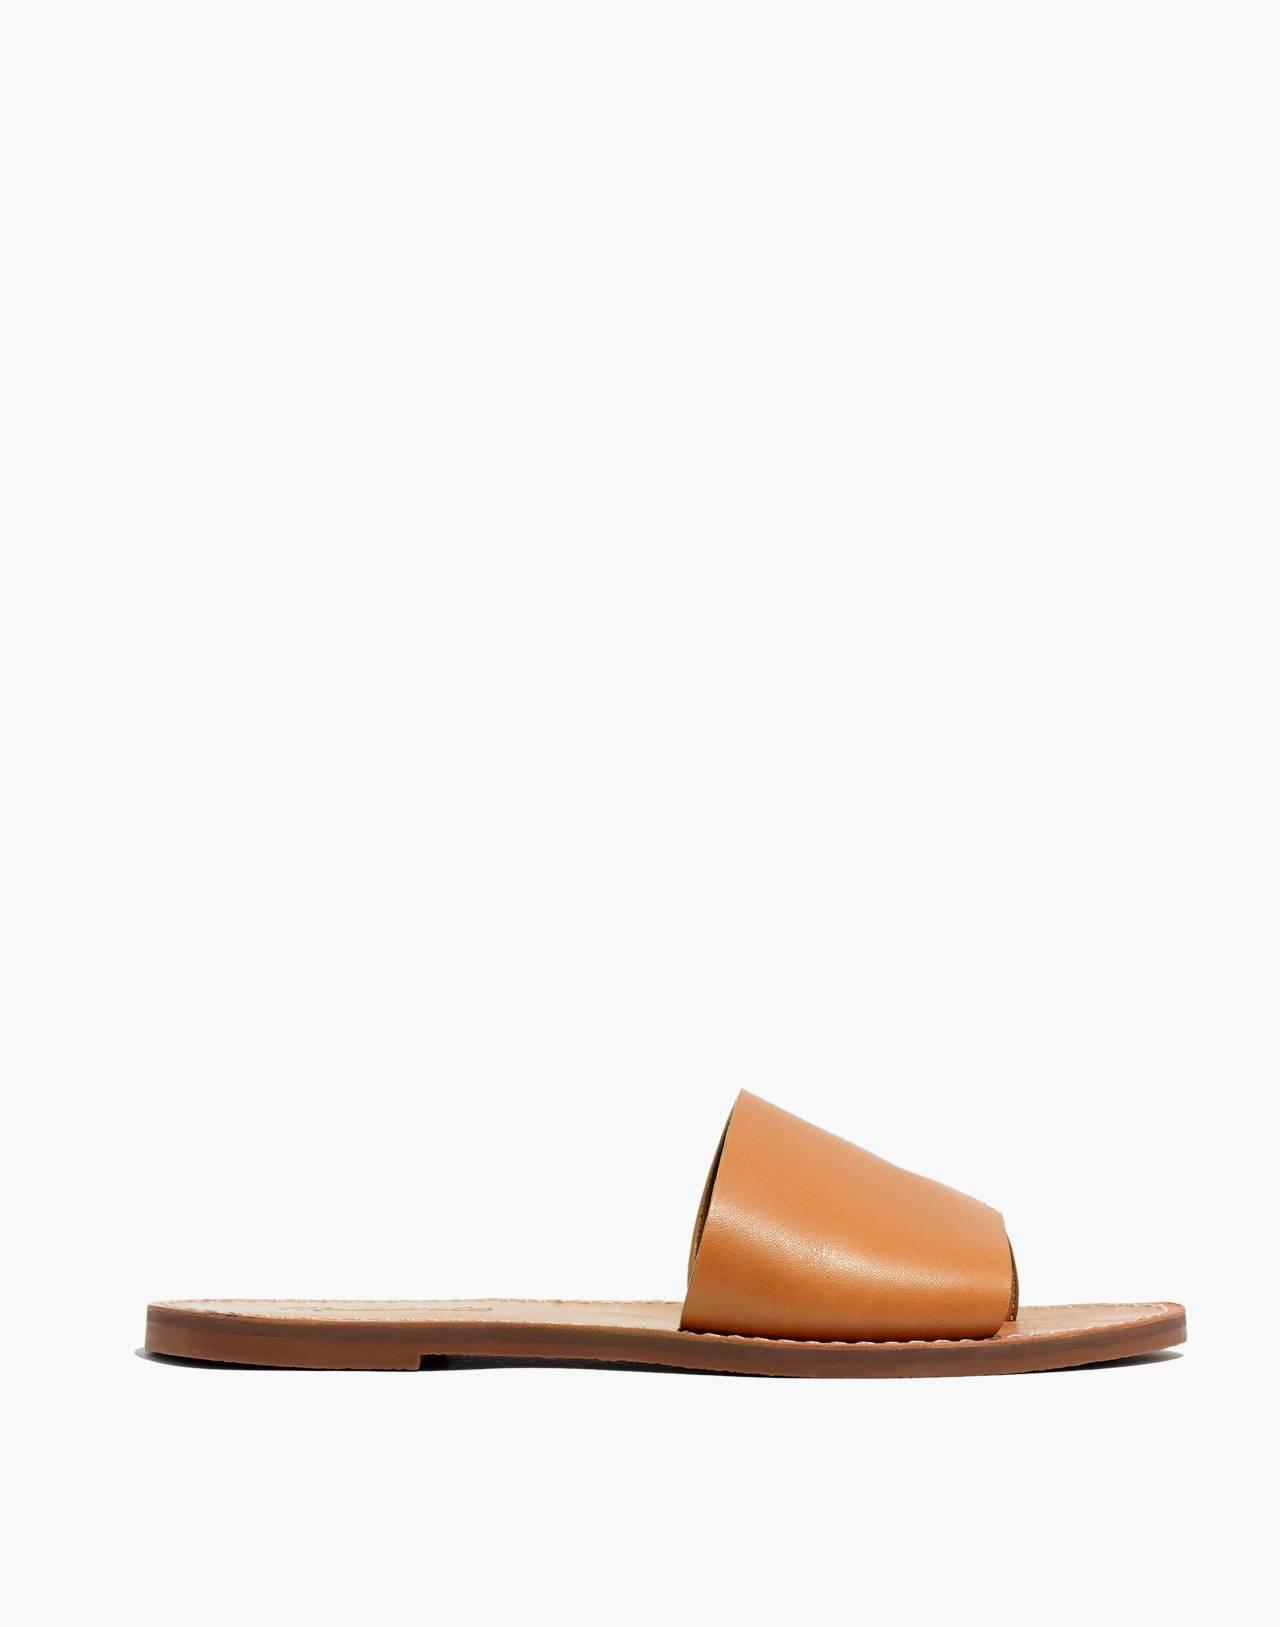 The Boardwalk Post Slide Sandal in desert camel image 3